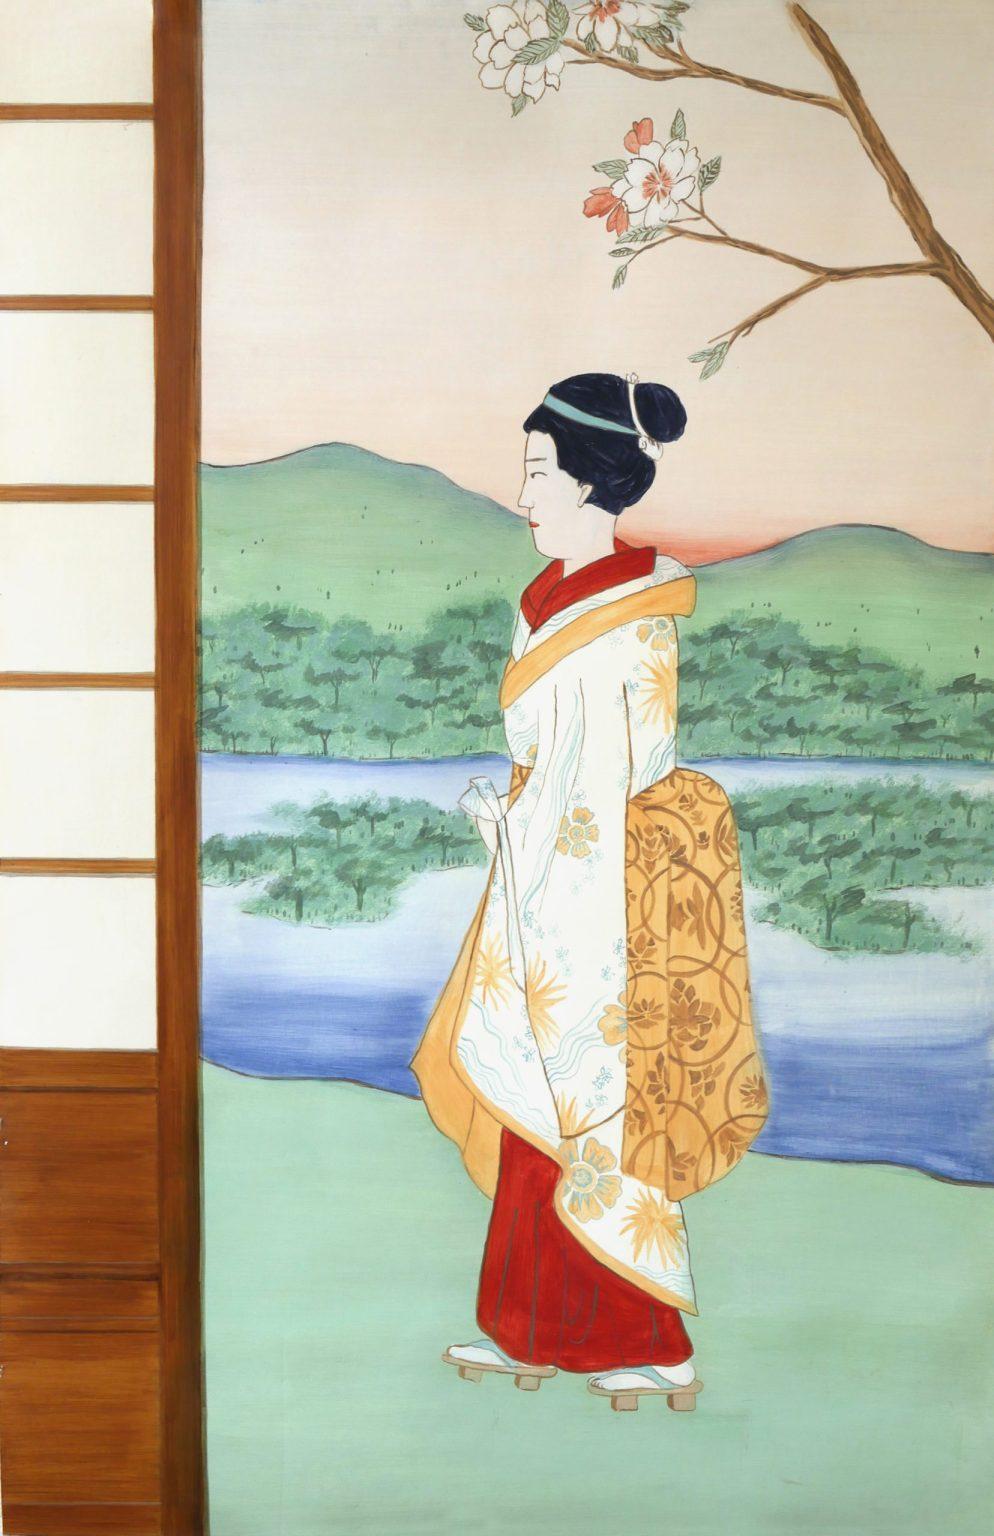 Peinture murale façon estampe japonaise, peinture à la caséine, technique ancienne, peintre en décor Bordeaux, décoration intérieure